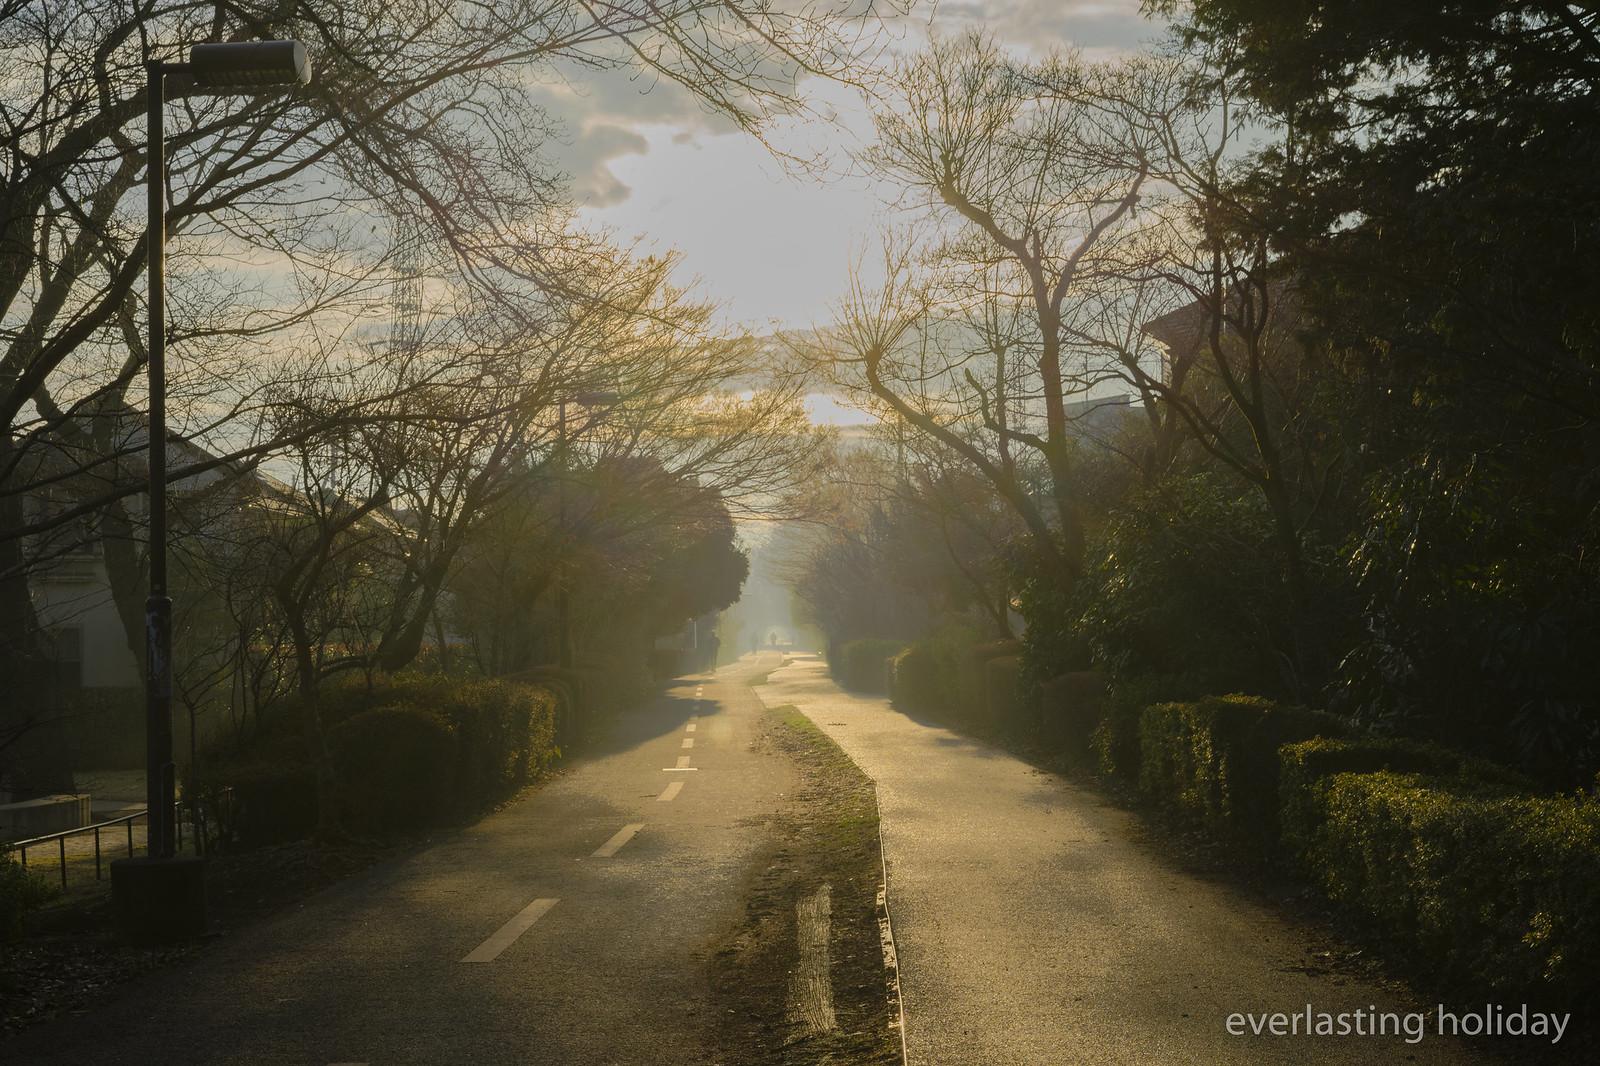 朝もやの自転車道